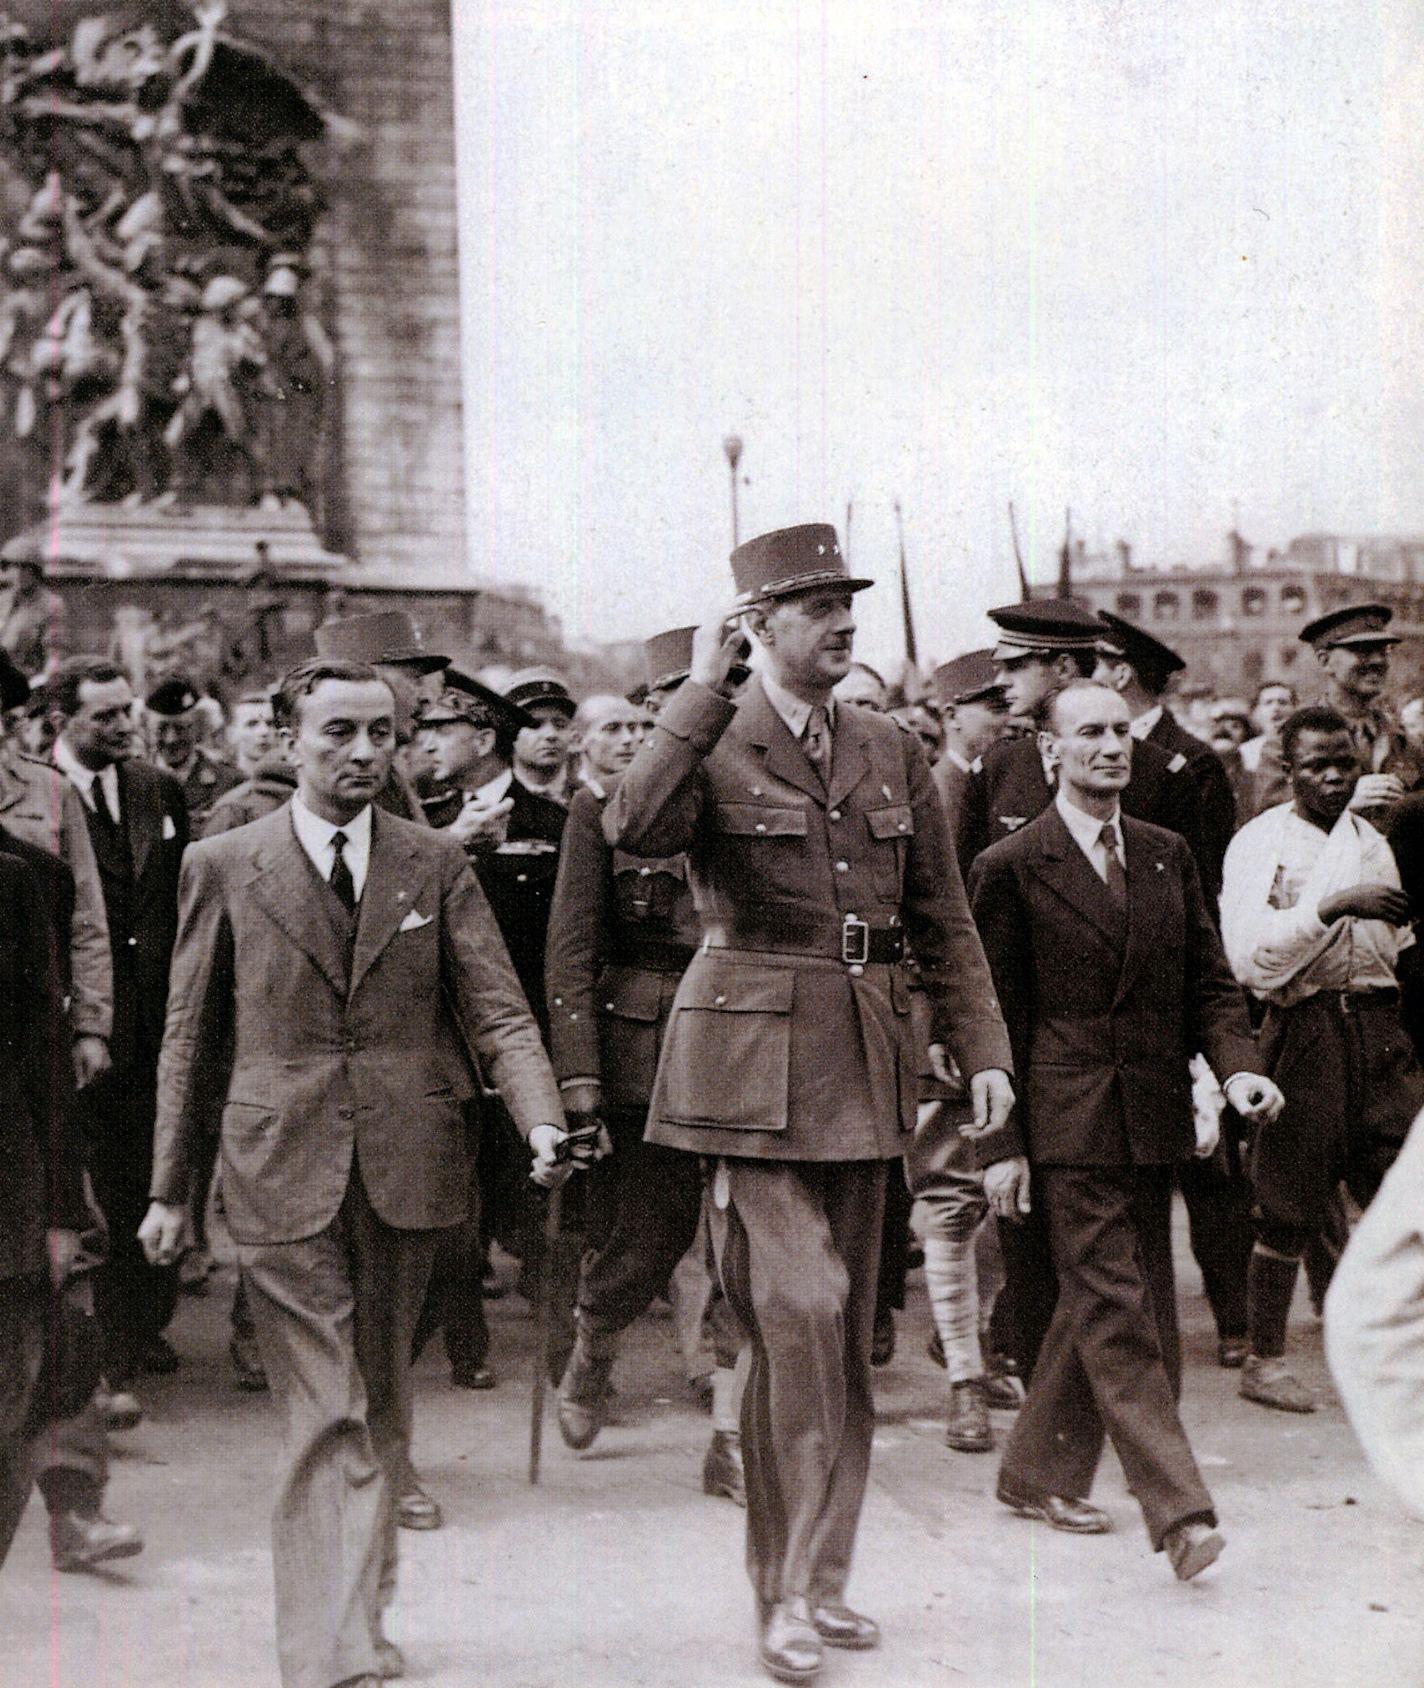 Le général de Gaulle accompagné de Georges Bidault (à gauche) et Alexandre Parodi (à droite) descend les Champs-Elysées. A droite on aperçoit Georges Dukson.